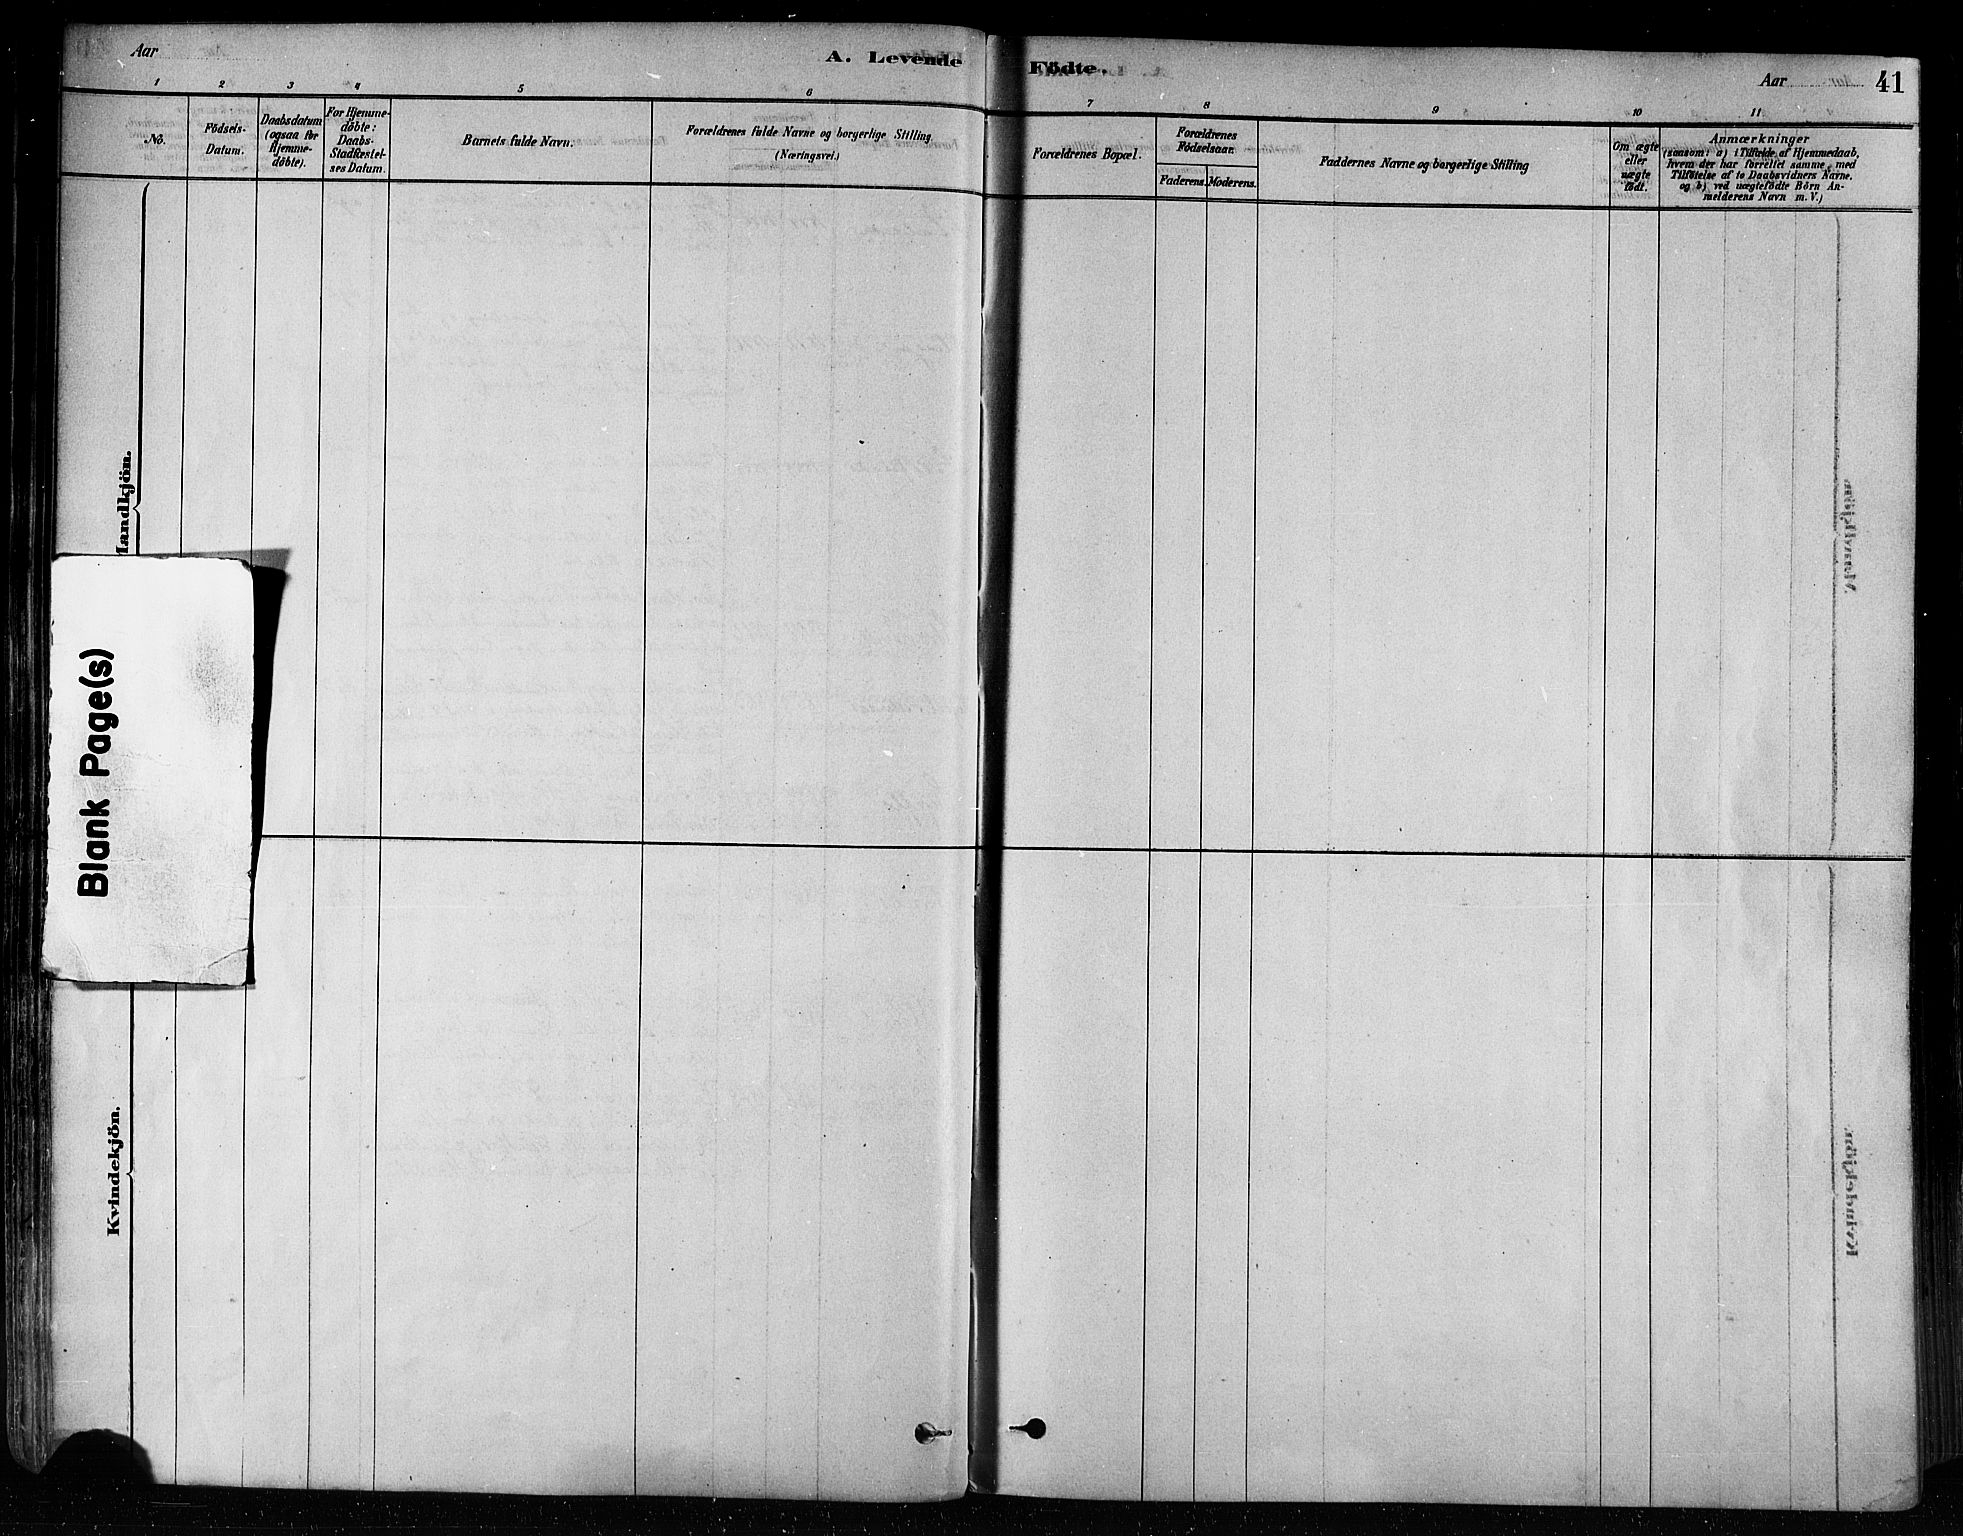 SAT, Ministerialprotokoller, klokkerbøker og fødselsregistre - Nord-Trøndelag, 746/L0448: Ministerialbok nr. 746A07 /1, 1878-1900, s. 41